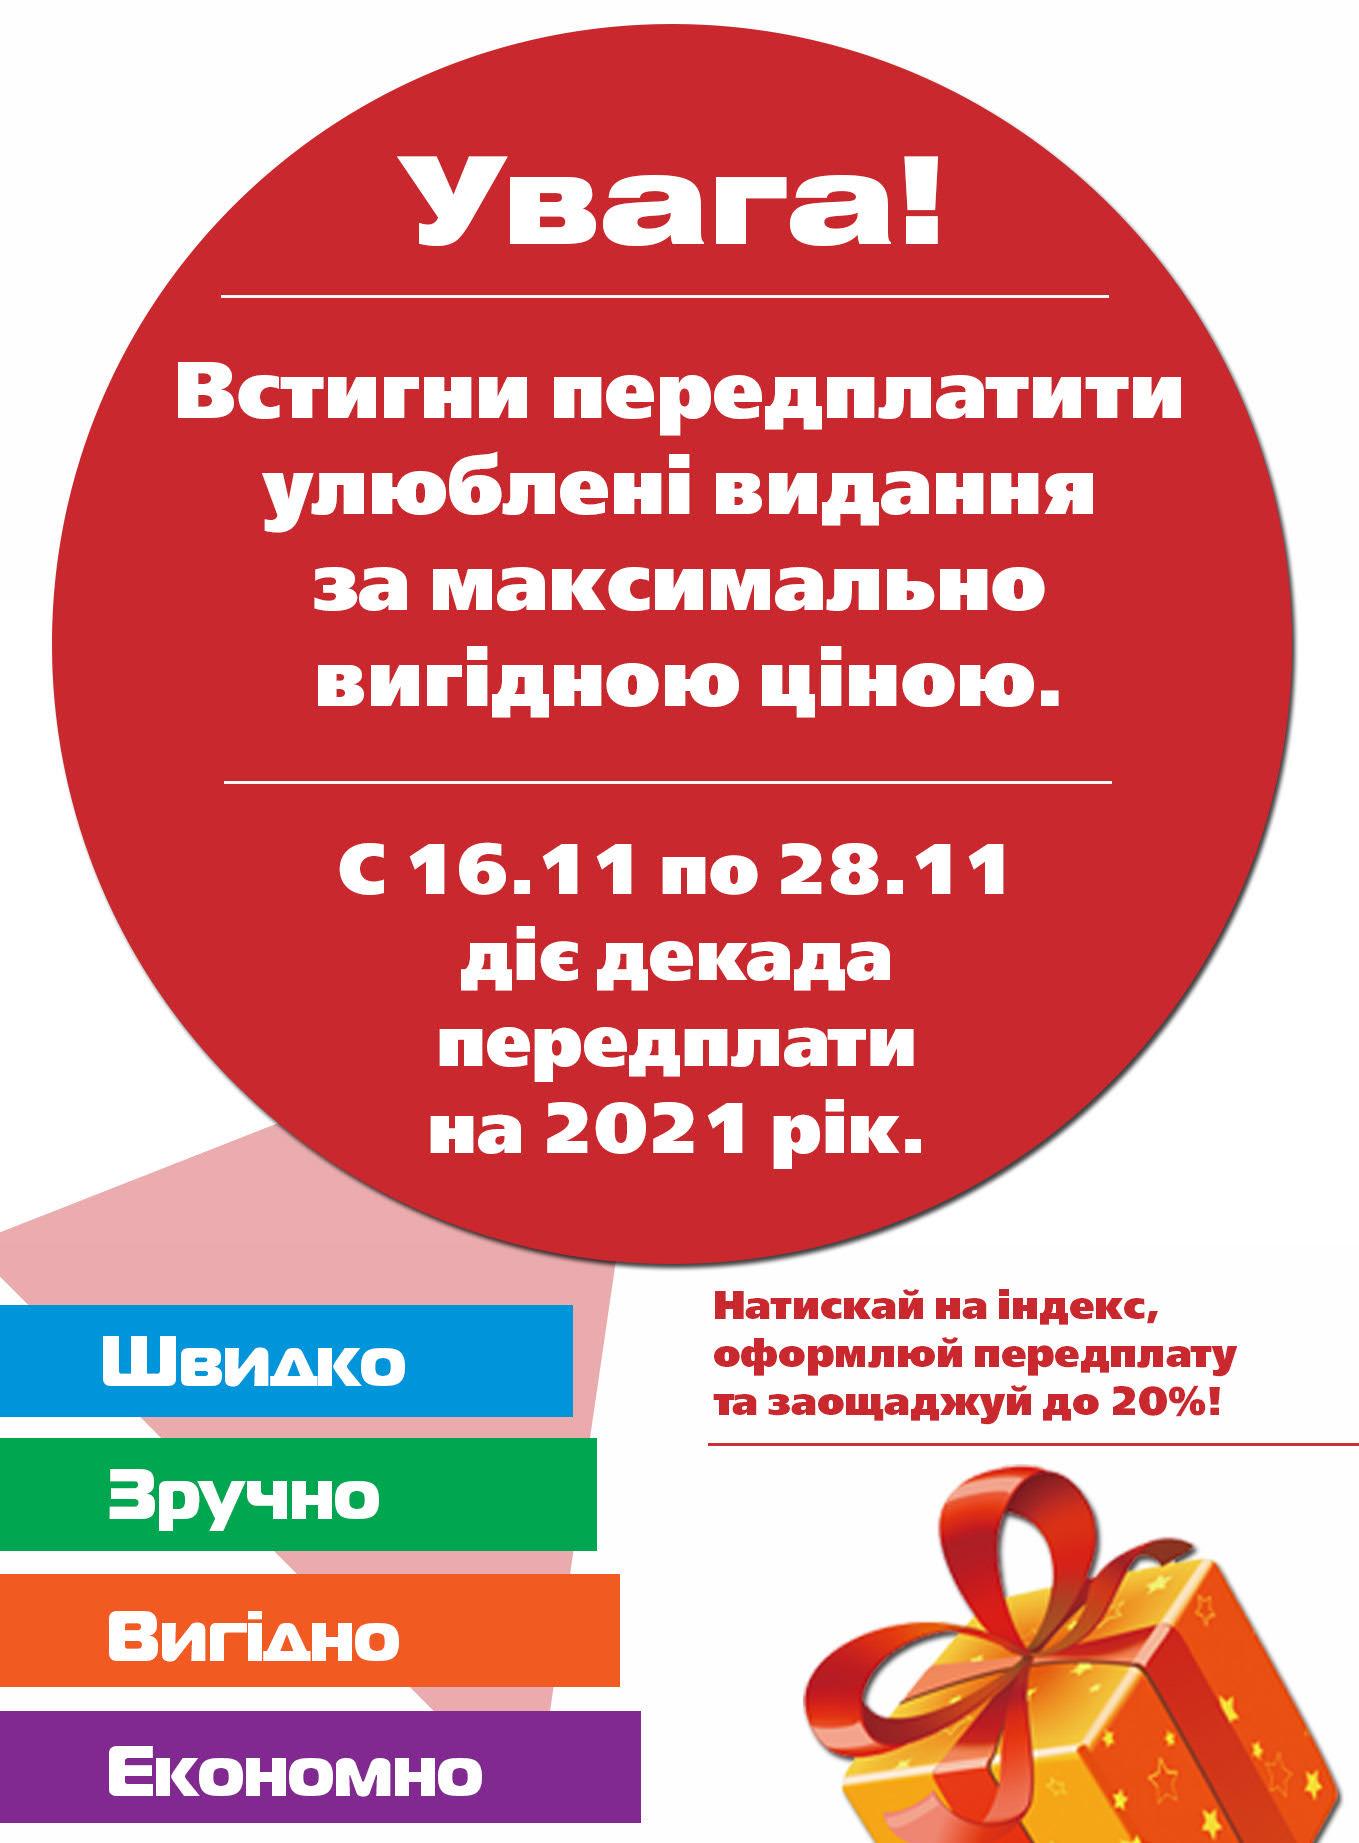 Декада передплати на 2021 рік (ціни діють з 16.11 по 28.11)